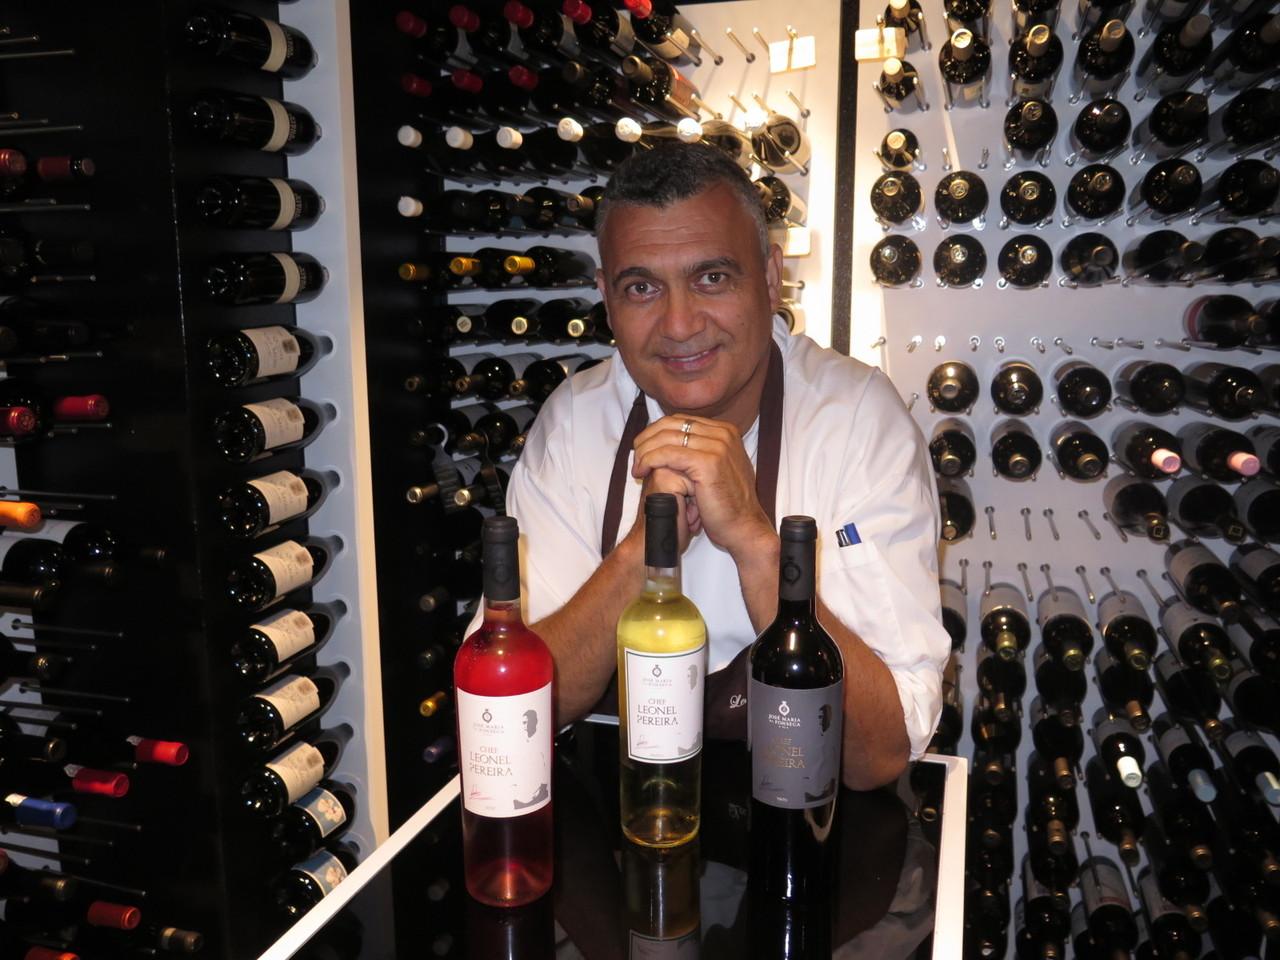 Leonel Pereira e os seus 3 vinhos